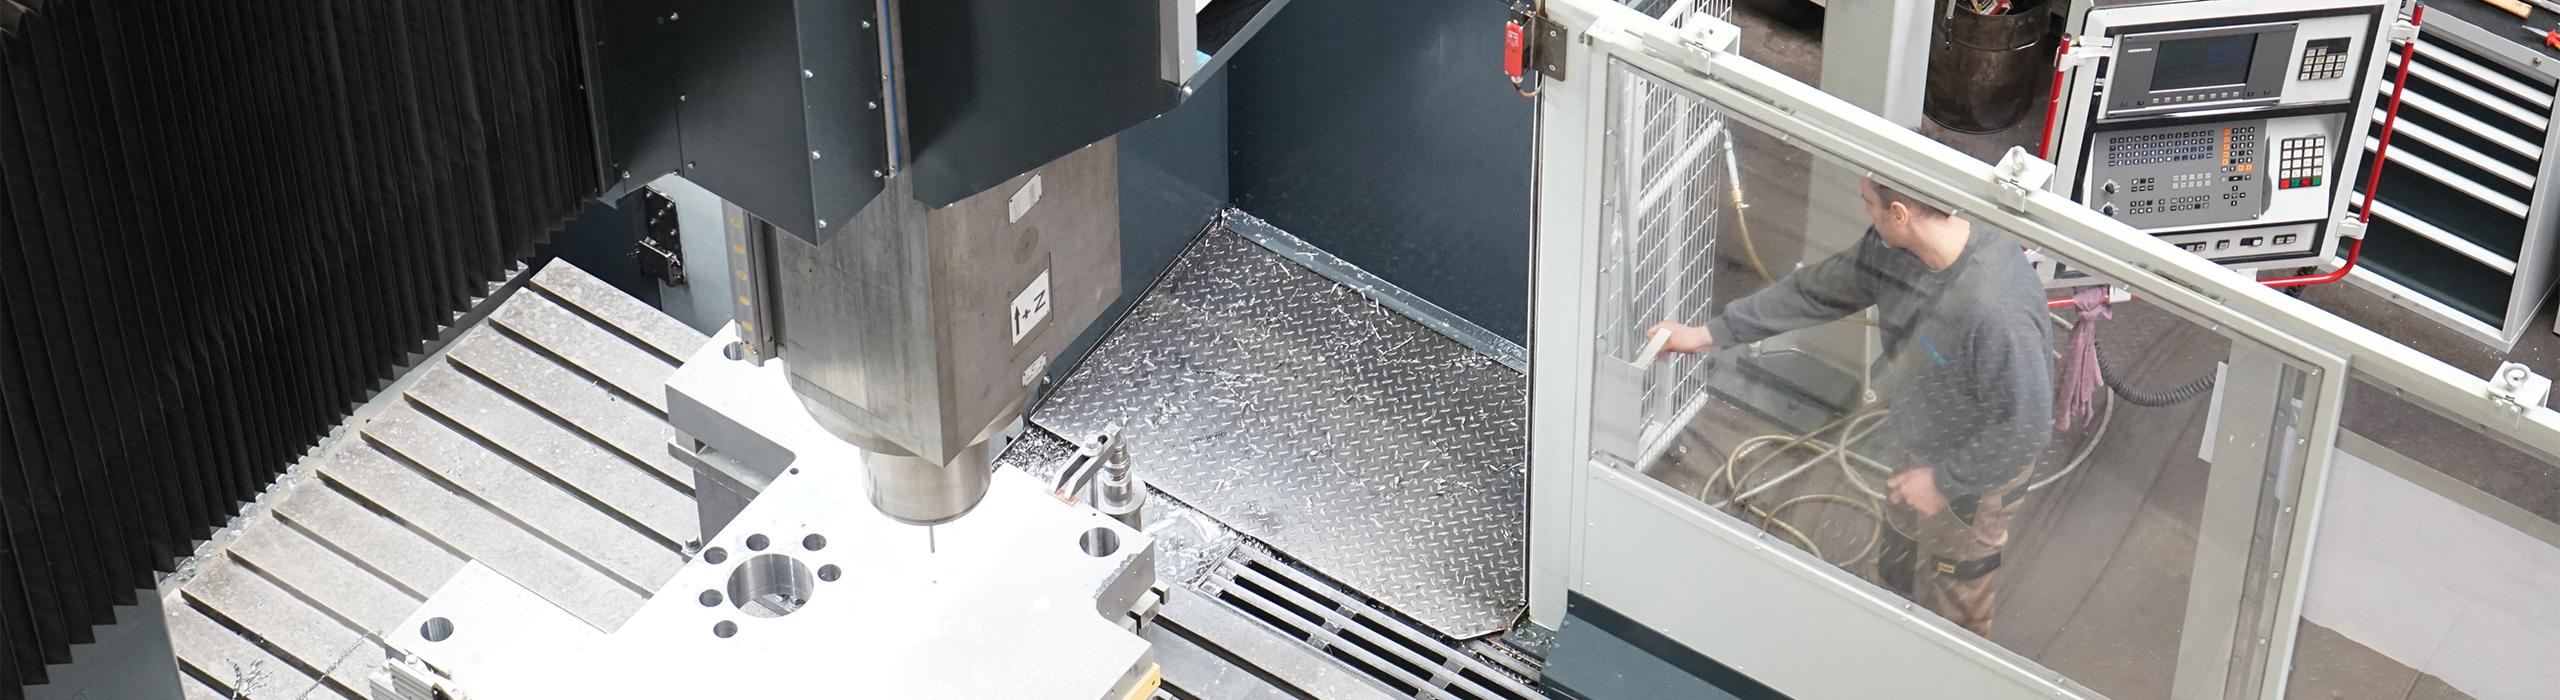 RSB-Stahl-grossteilbearbeitung-header7